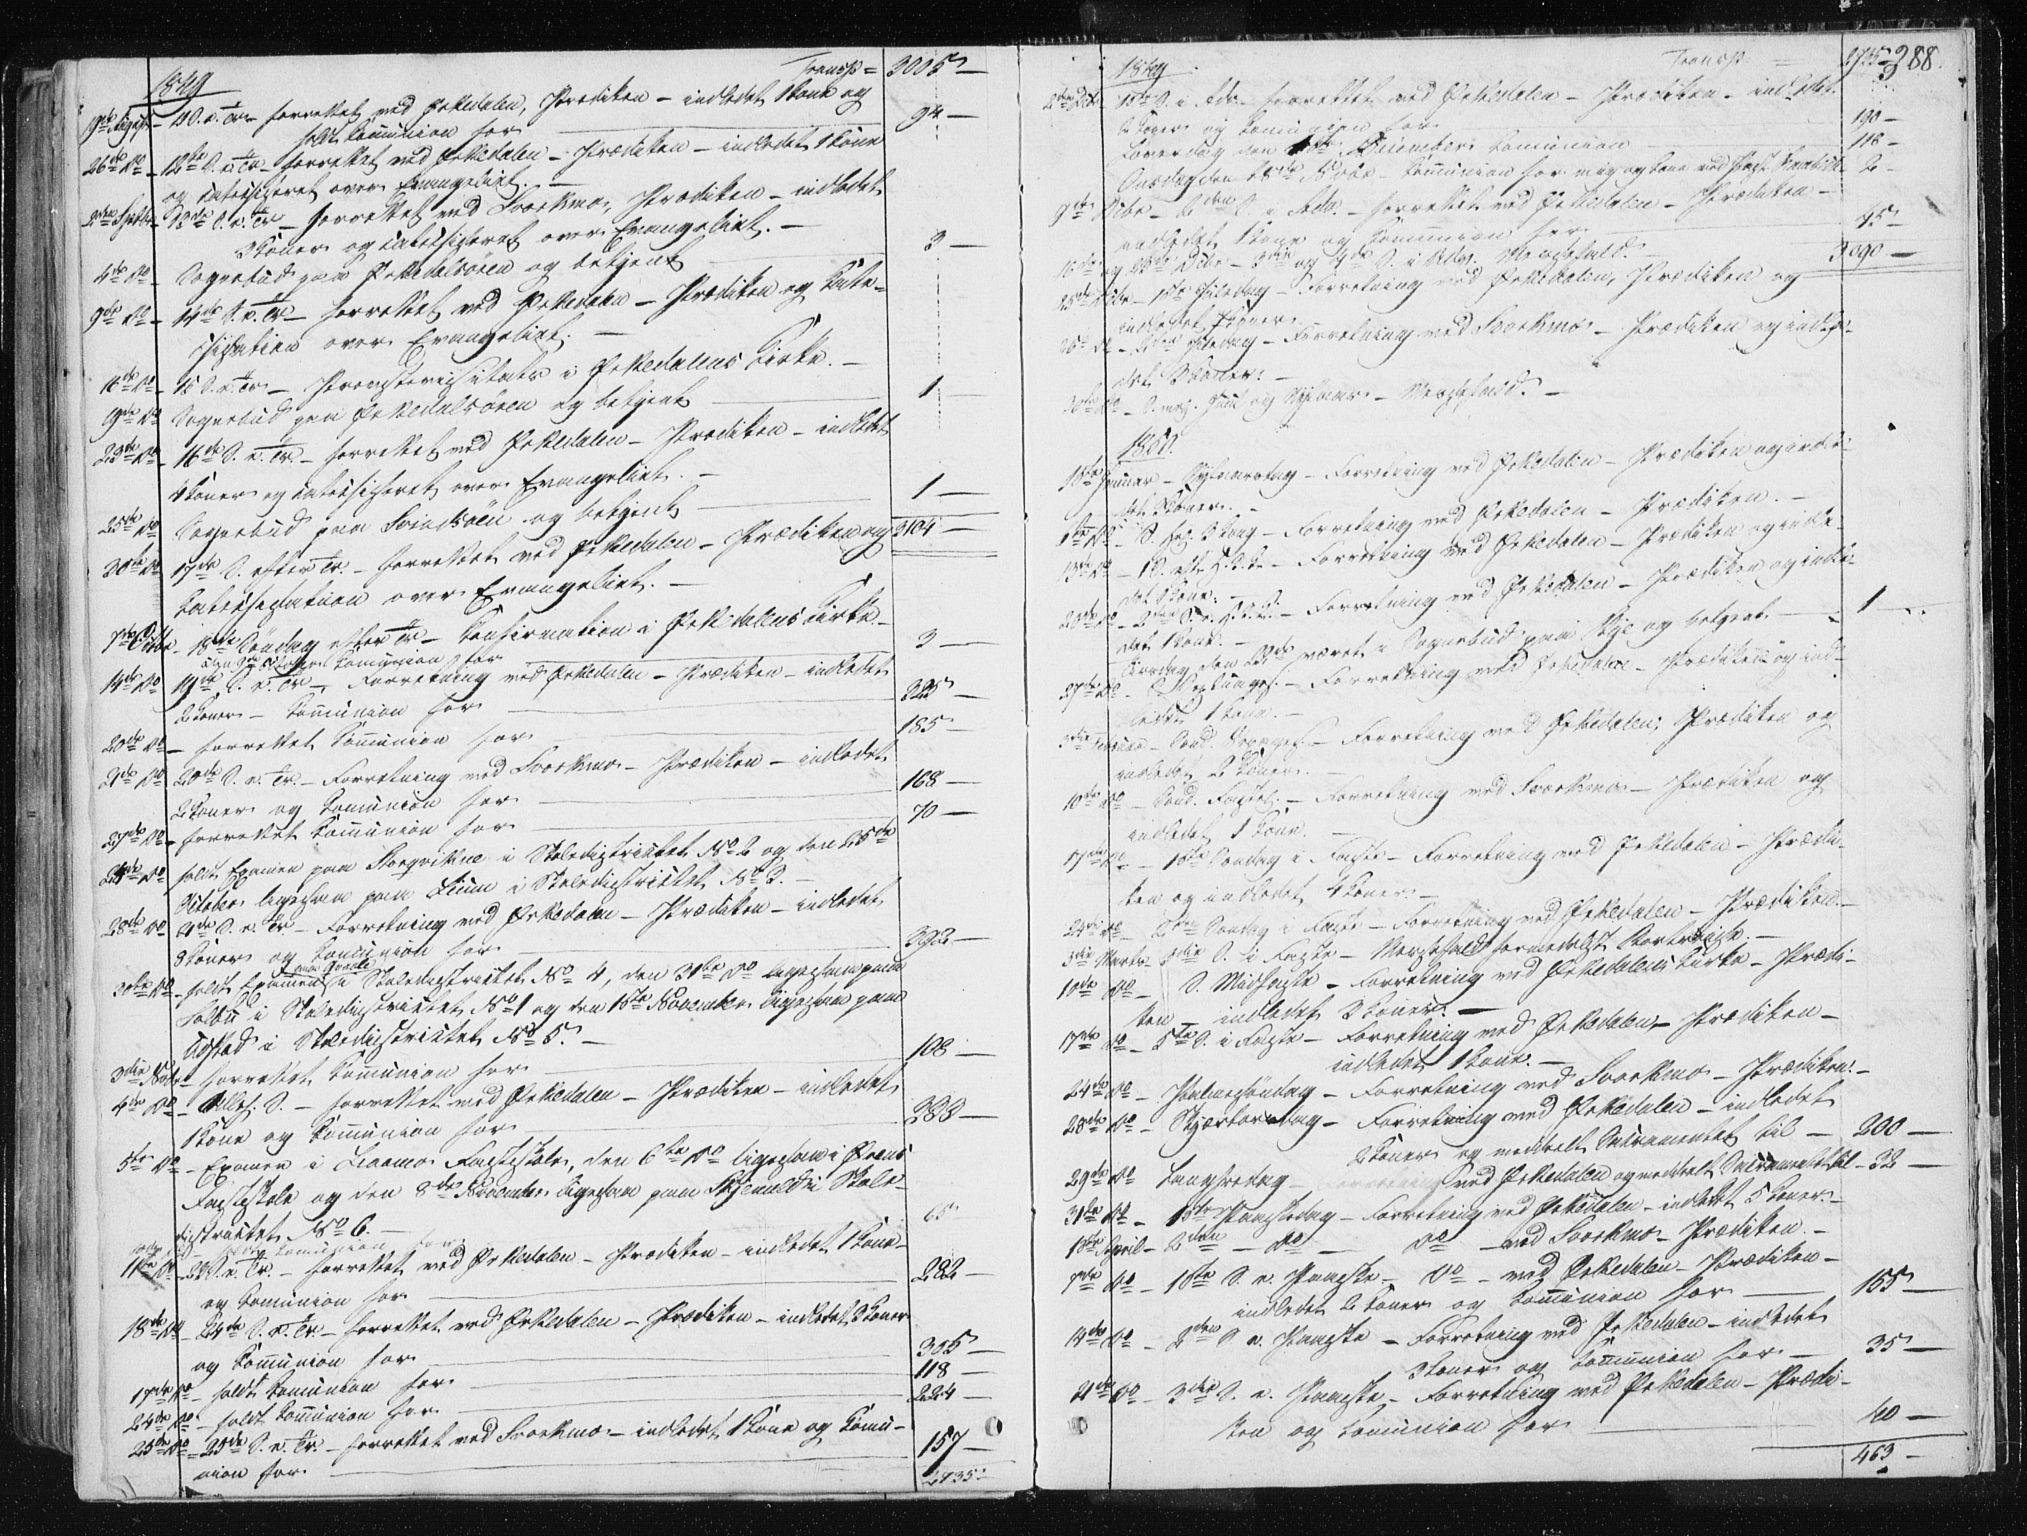 SAT, Ministerialprotokoller, klokkerbøker og fødselsregistre - Sør-Trøndelag, 668/L0805: Ministerialbok nr. 668A05, 1840-1853, s. 388